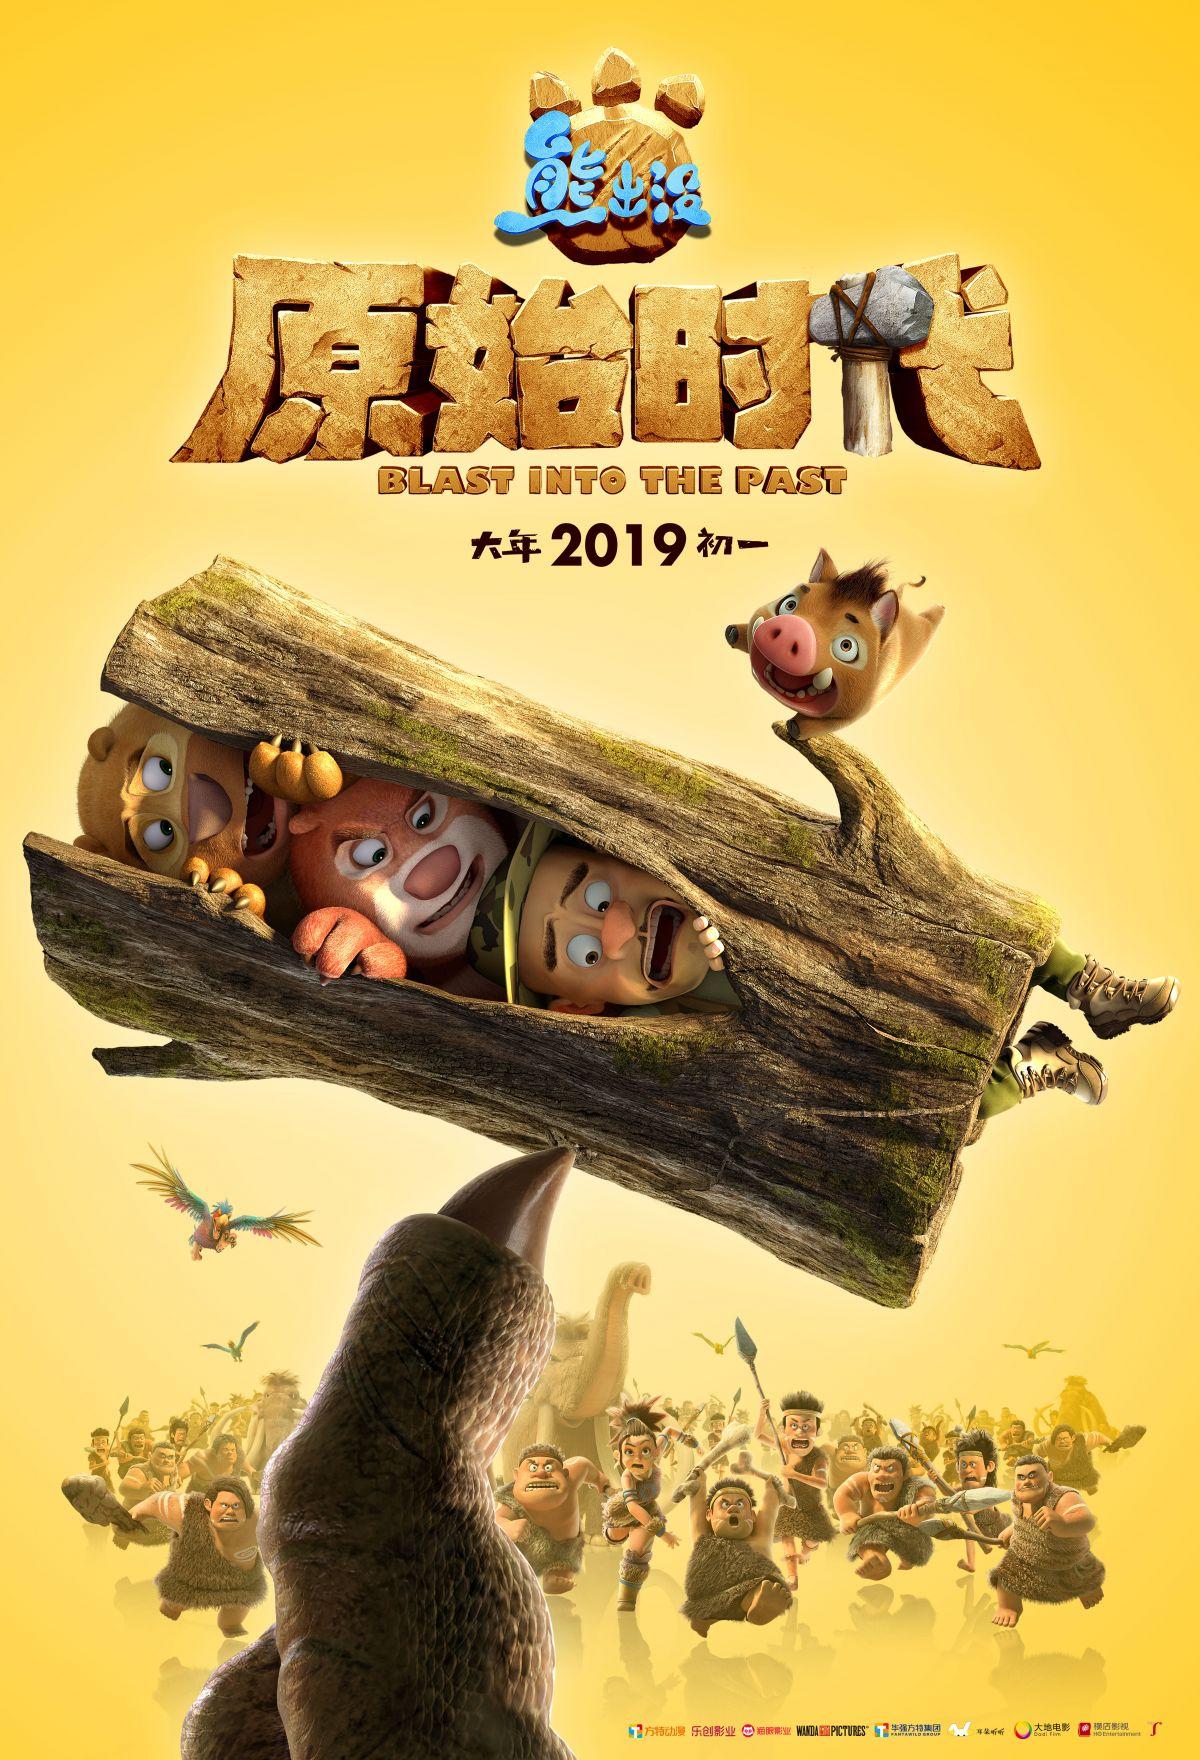 《熊出没》第六部大电影《熊出没·原始时代》将于2019年2月5日大年初一2D、3D同步上映,为让观众提前感受过年气氛,电影在2019年1月19日、20日14:00-16:00开启全国点映场。本次《熊出没·原始时代》点映场总票房突破1500万,上座率及票房第二天均逆跌上涨,两天均居于同时段第一;猫眼评分9.